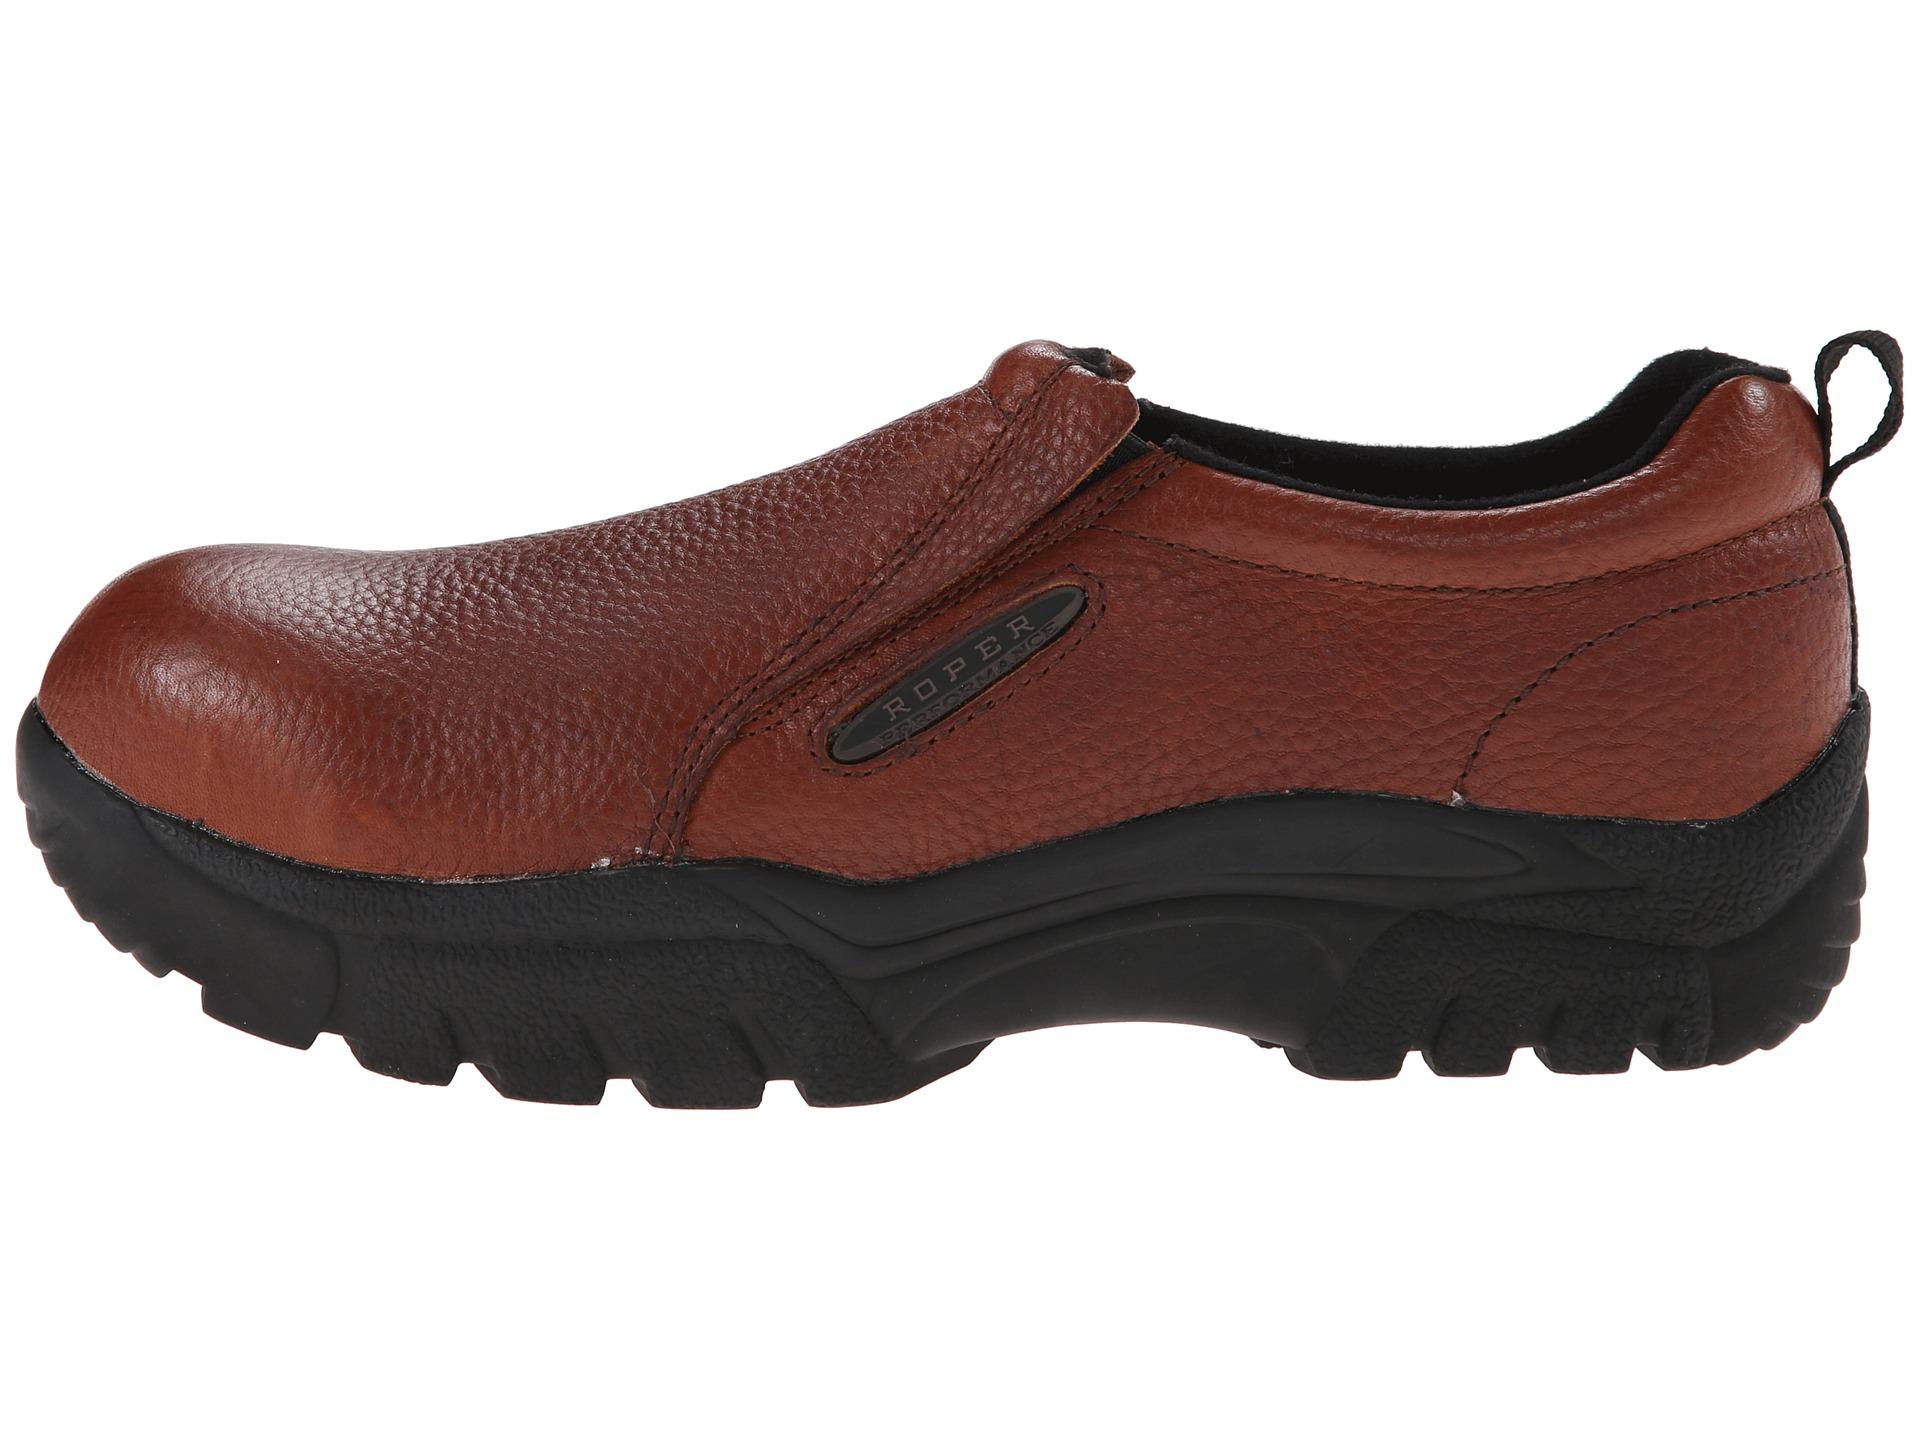 Roper Brand Slip On Shoes